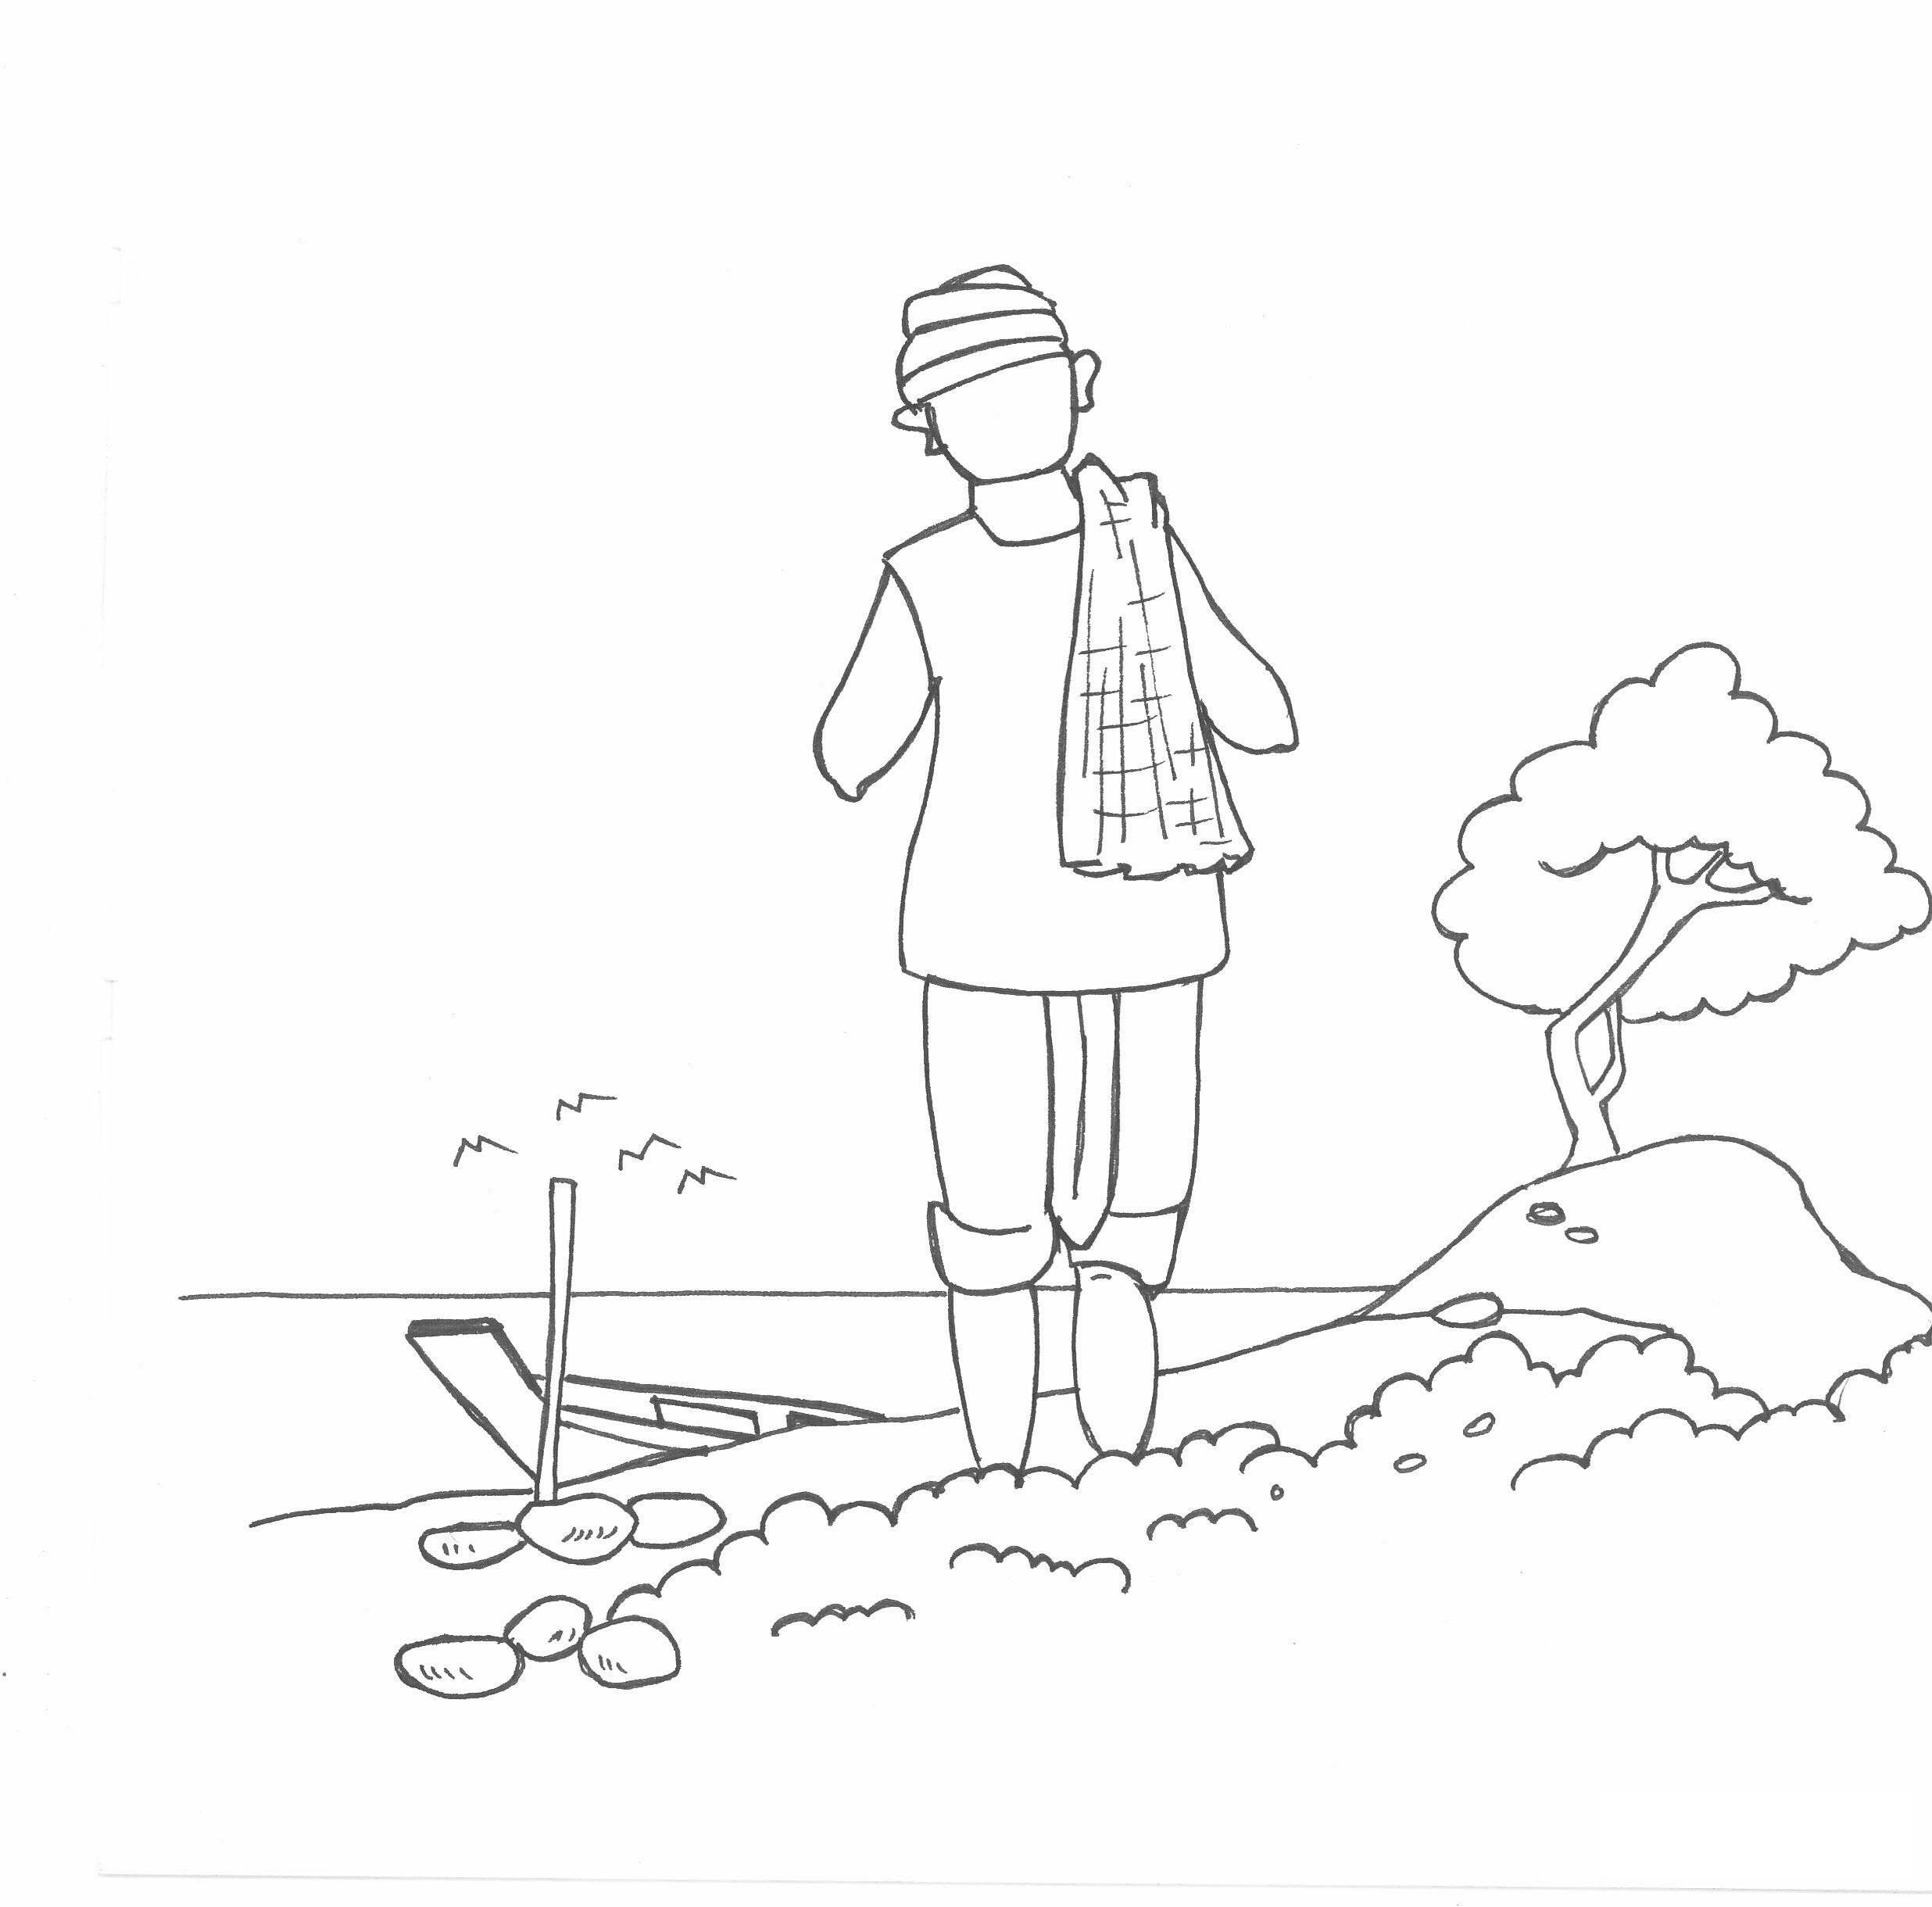 Tranh vẽ tô màu bác nông dân